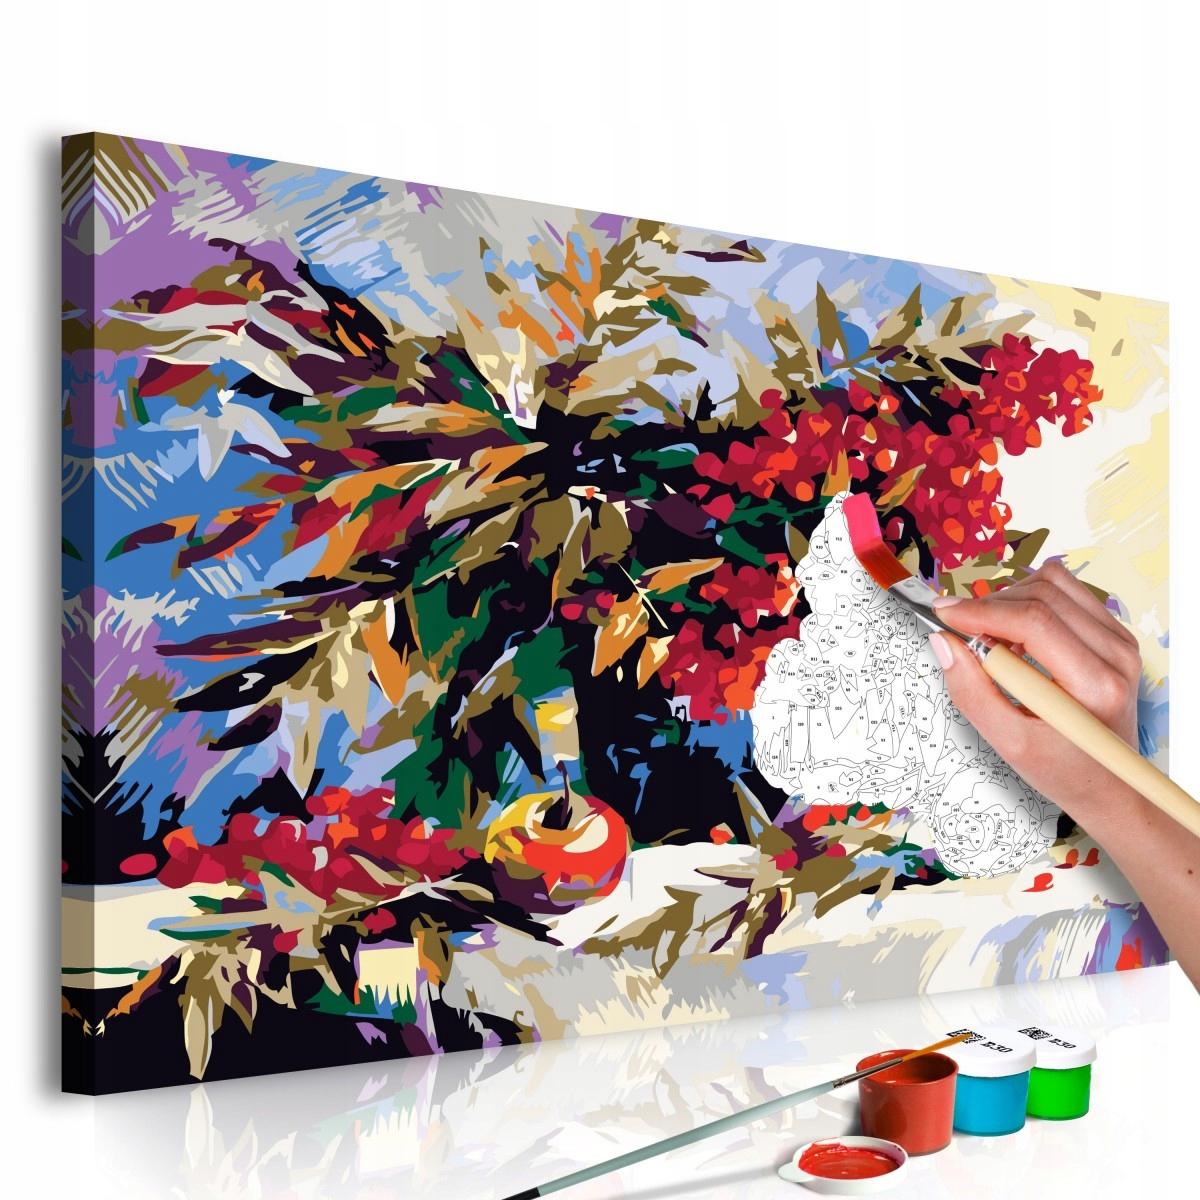 Obraz do samodzielnego malowania - Jarzębina (mart